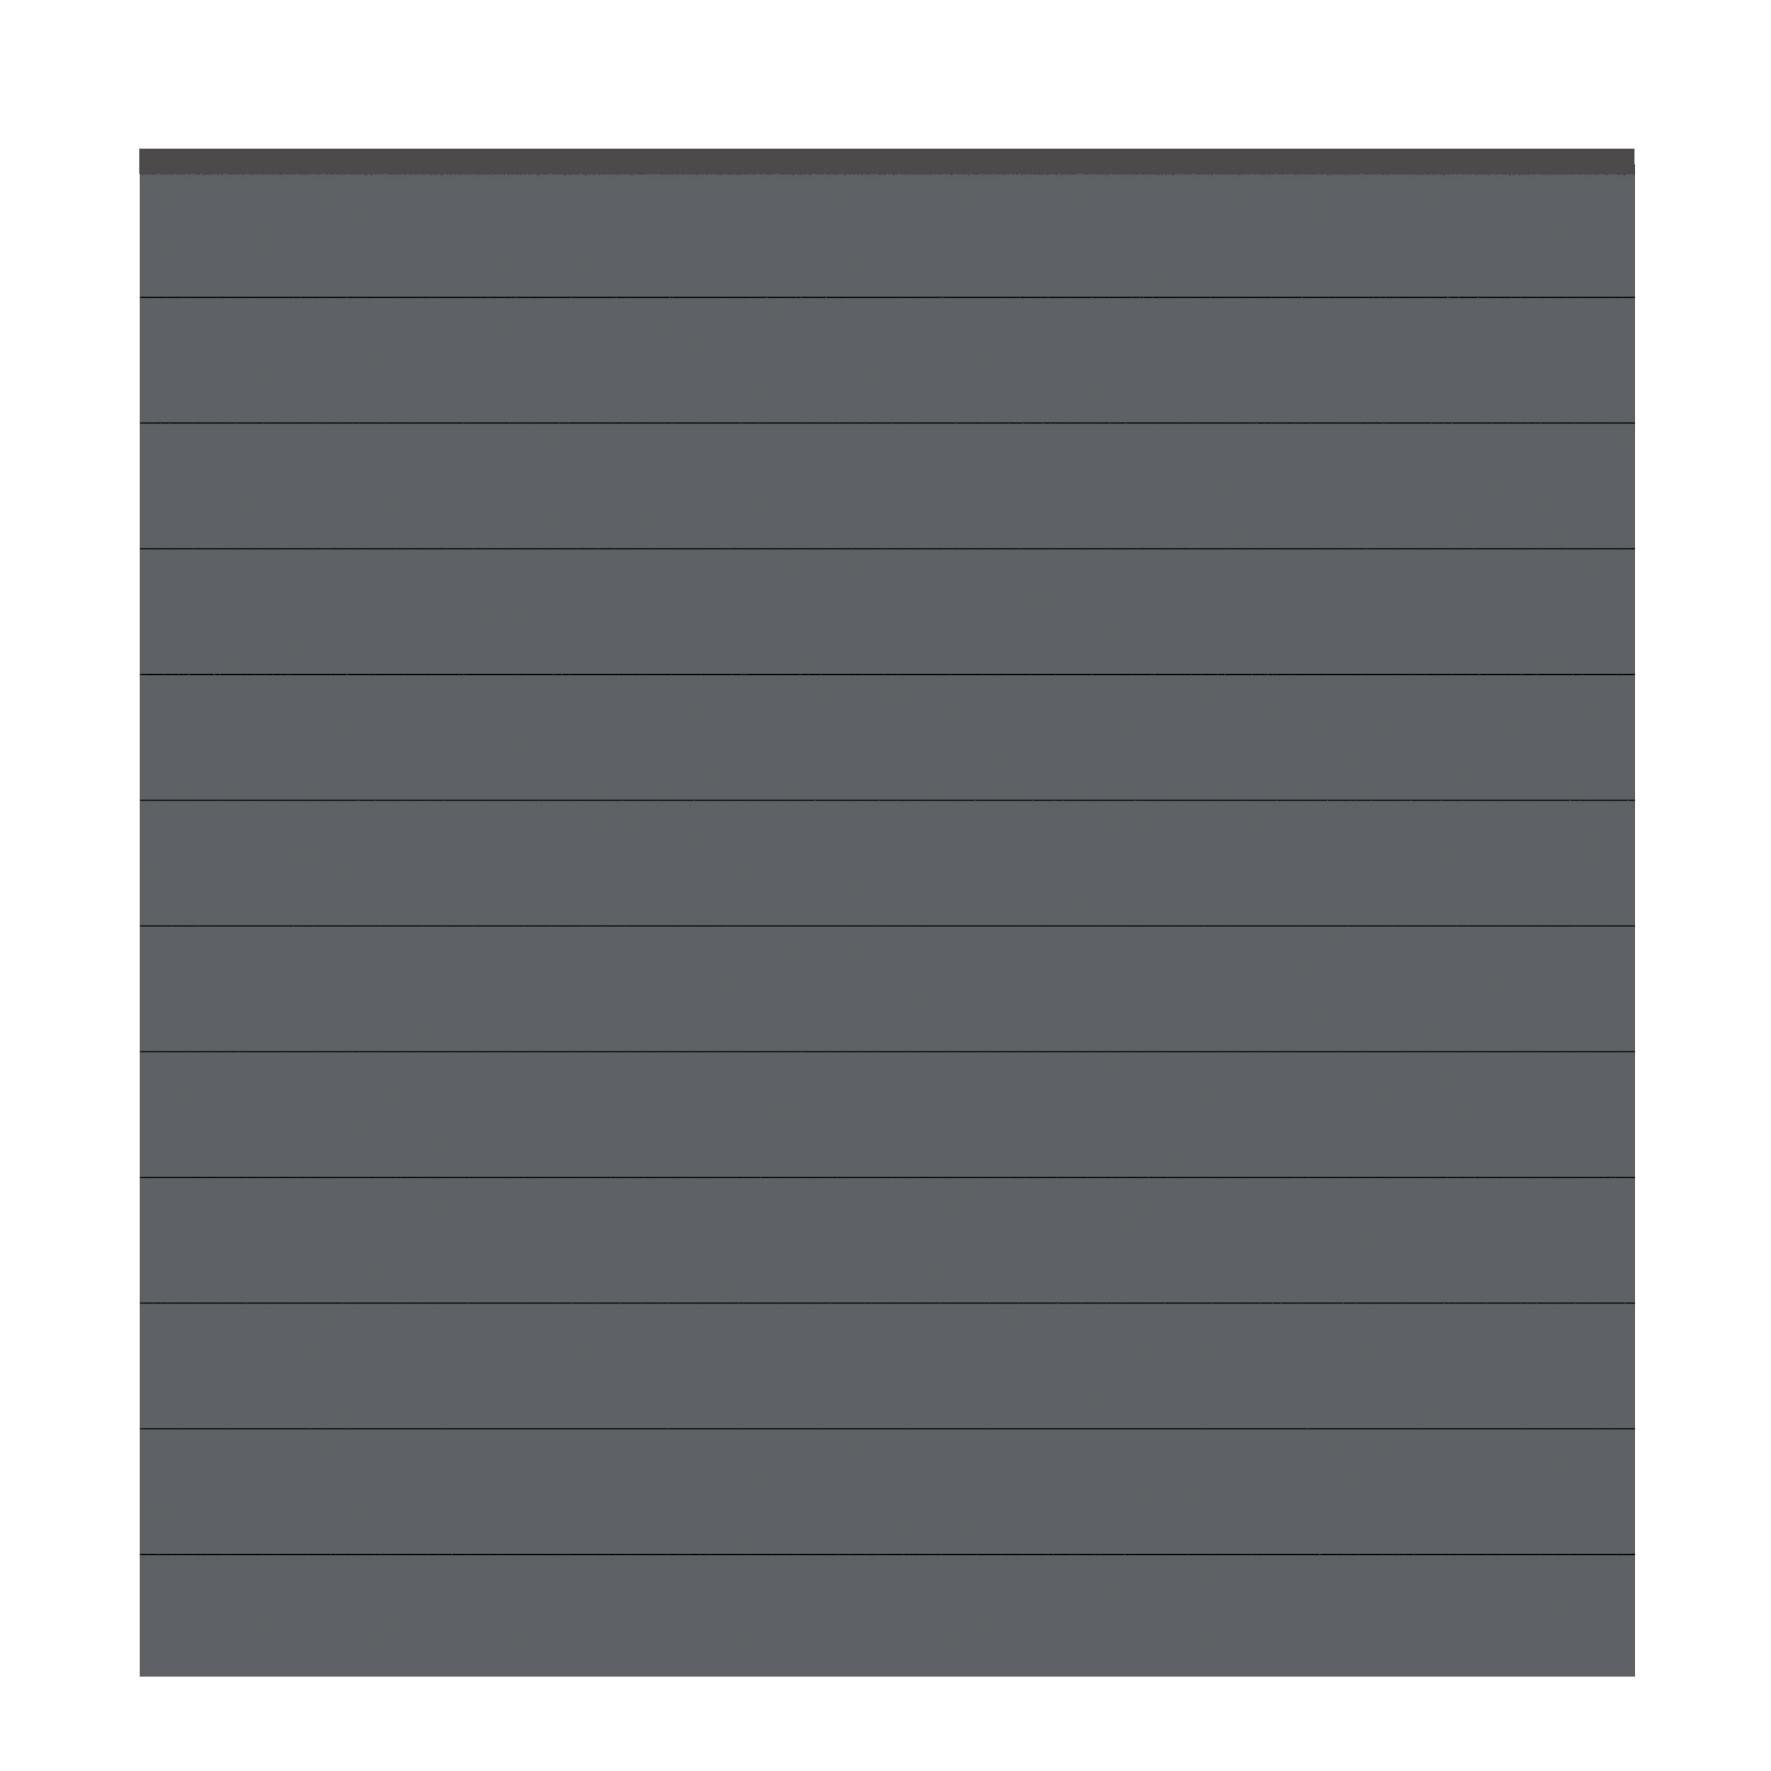 Sichtschutzzaun System Alu Classic Zaunfeld-Set anthrazit 178x181cm Bild 1